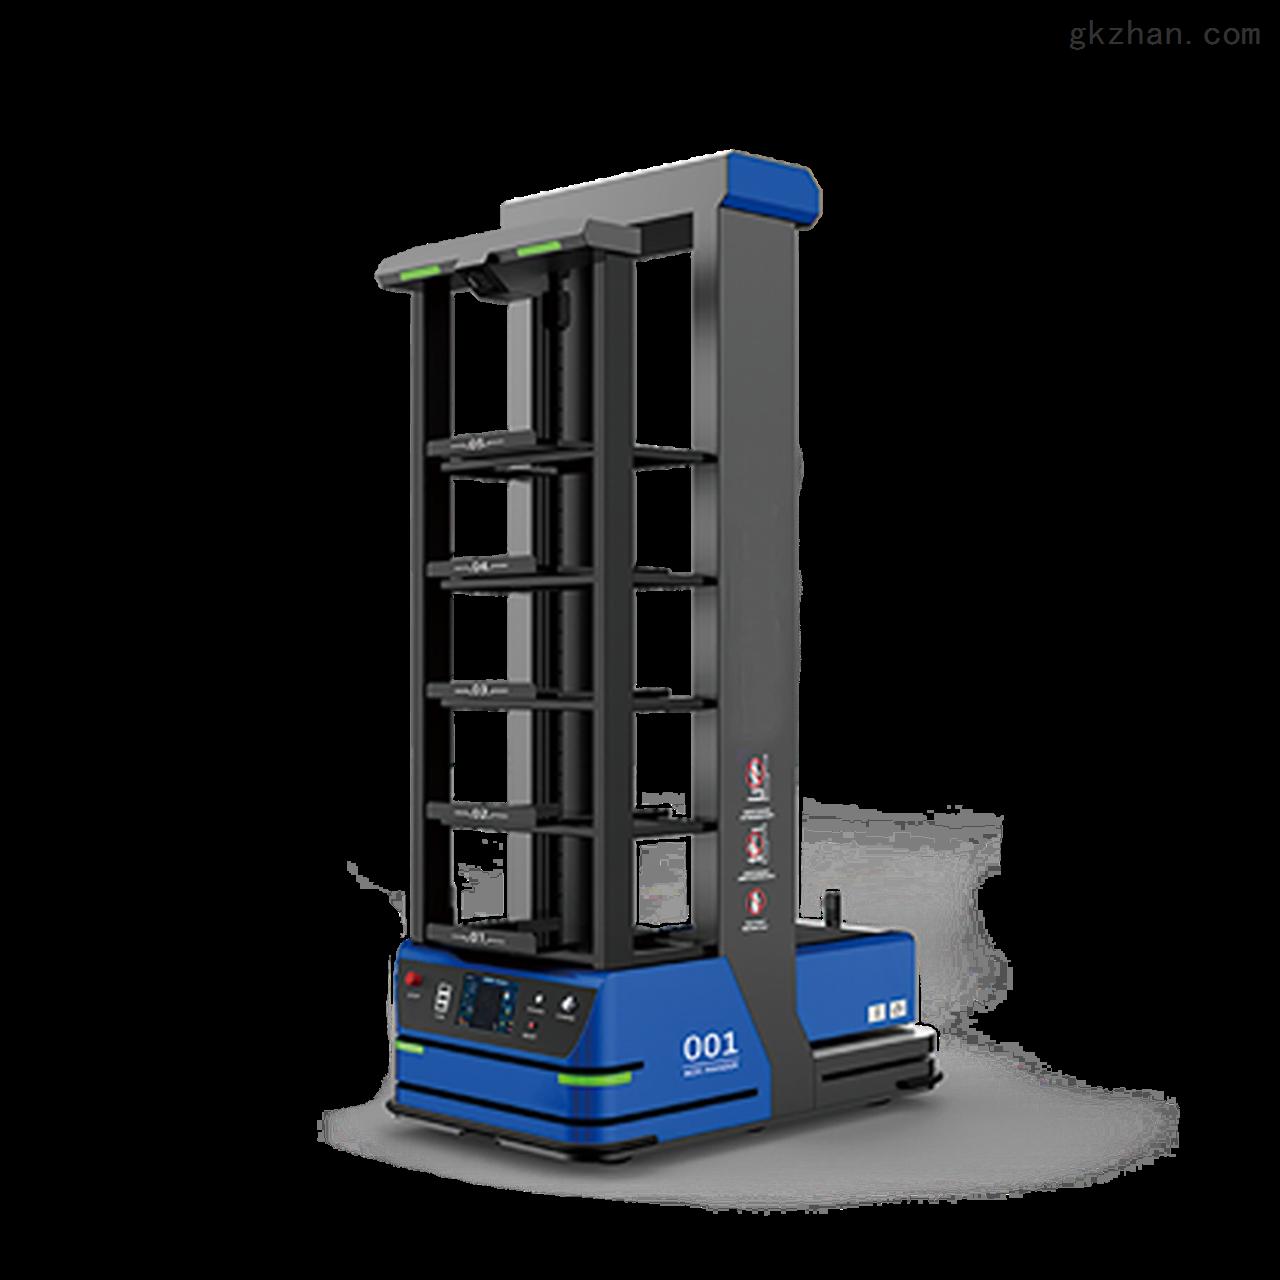 移动料箱搬运机器人